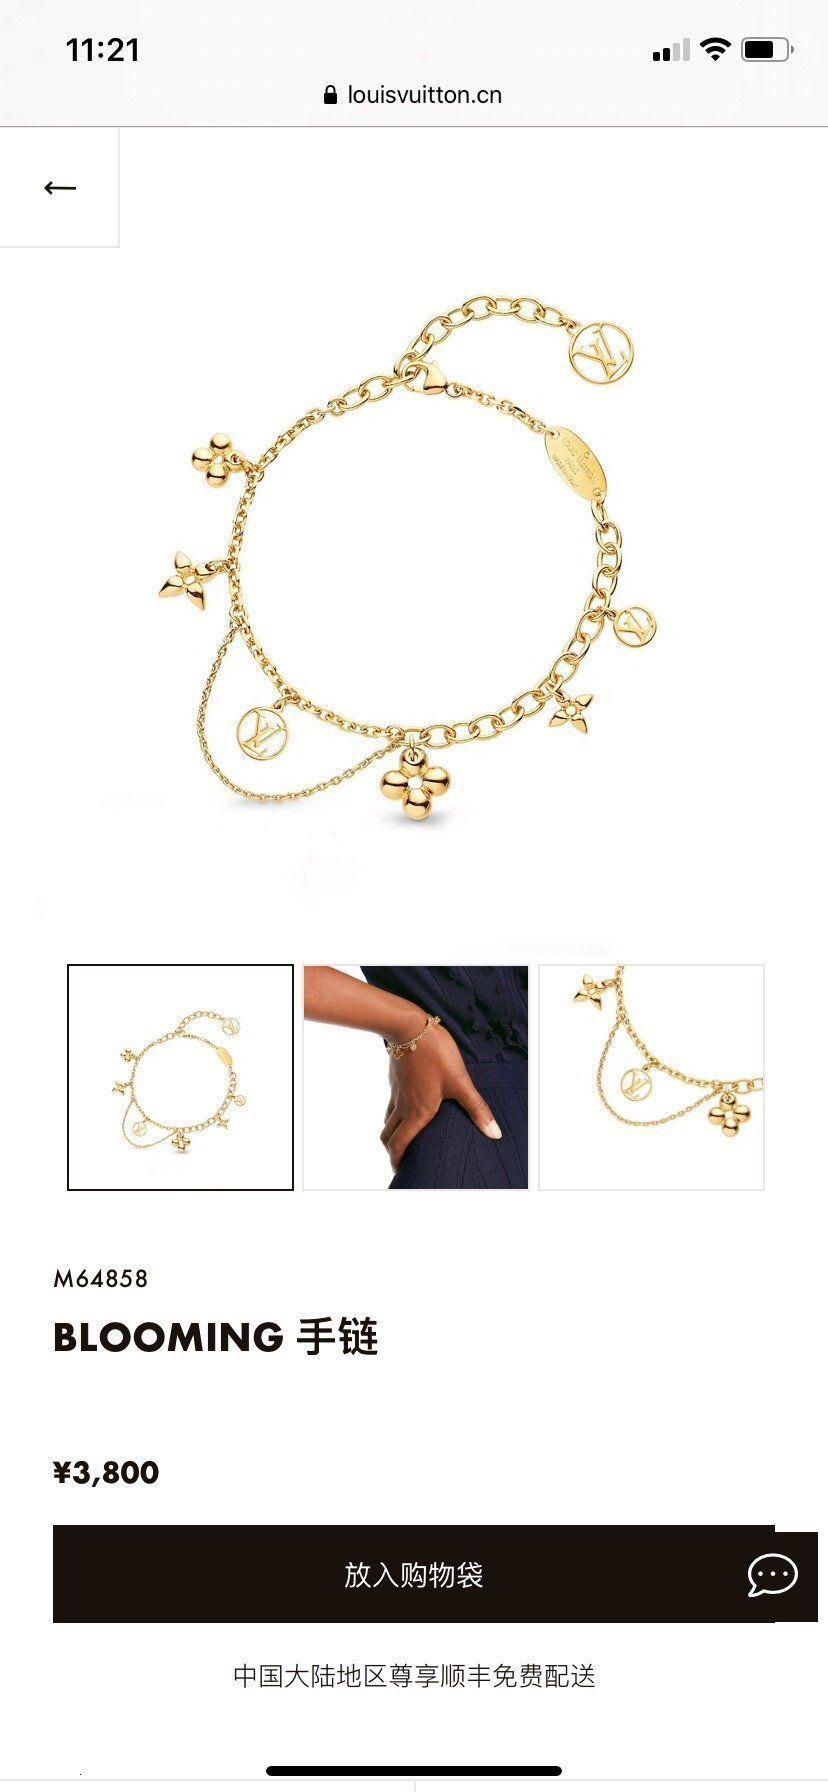 2020 высокое качество мода ювелирные изделия дамы браслет с вечернее платье лучшие ювелирные изделия Шарм великолепный браслет-цепочка 73YD